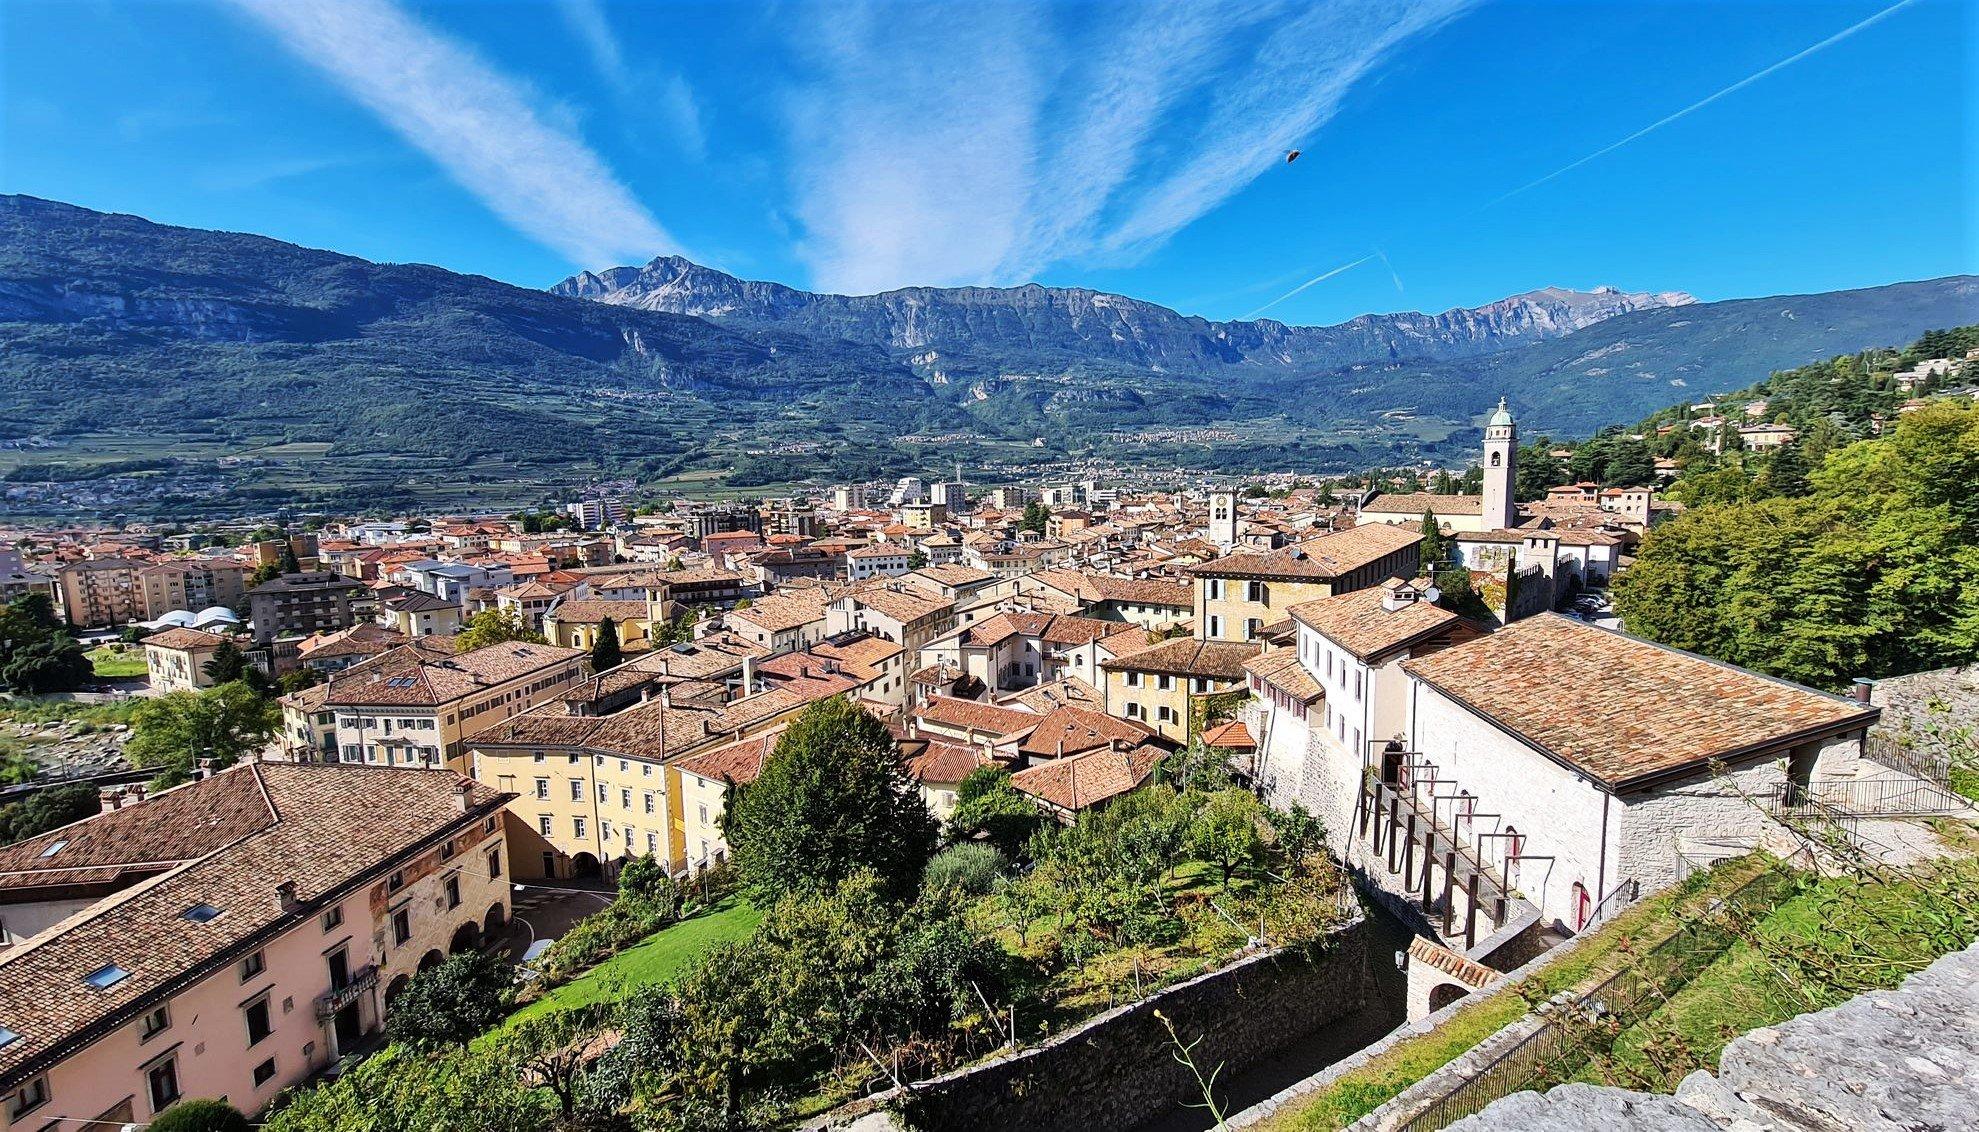 Il panorama su Rovereto